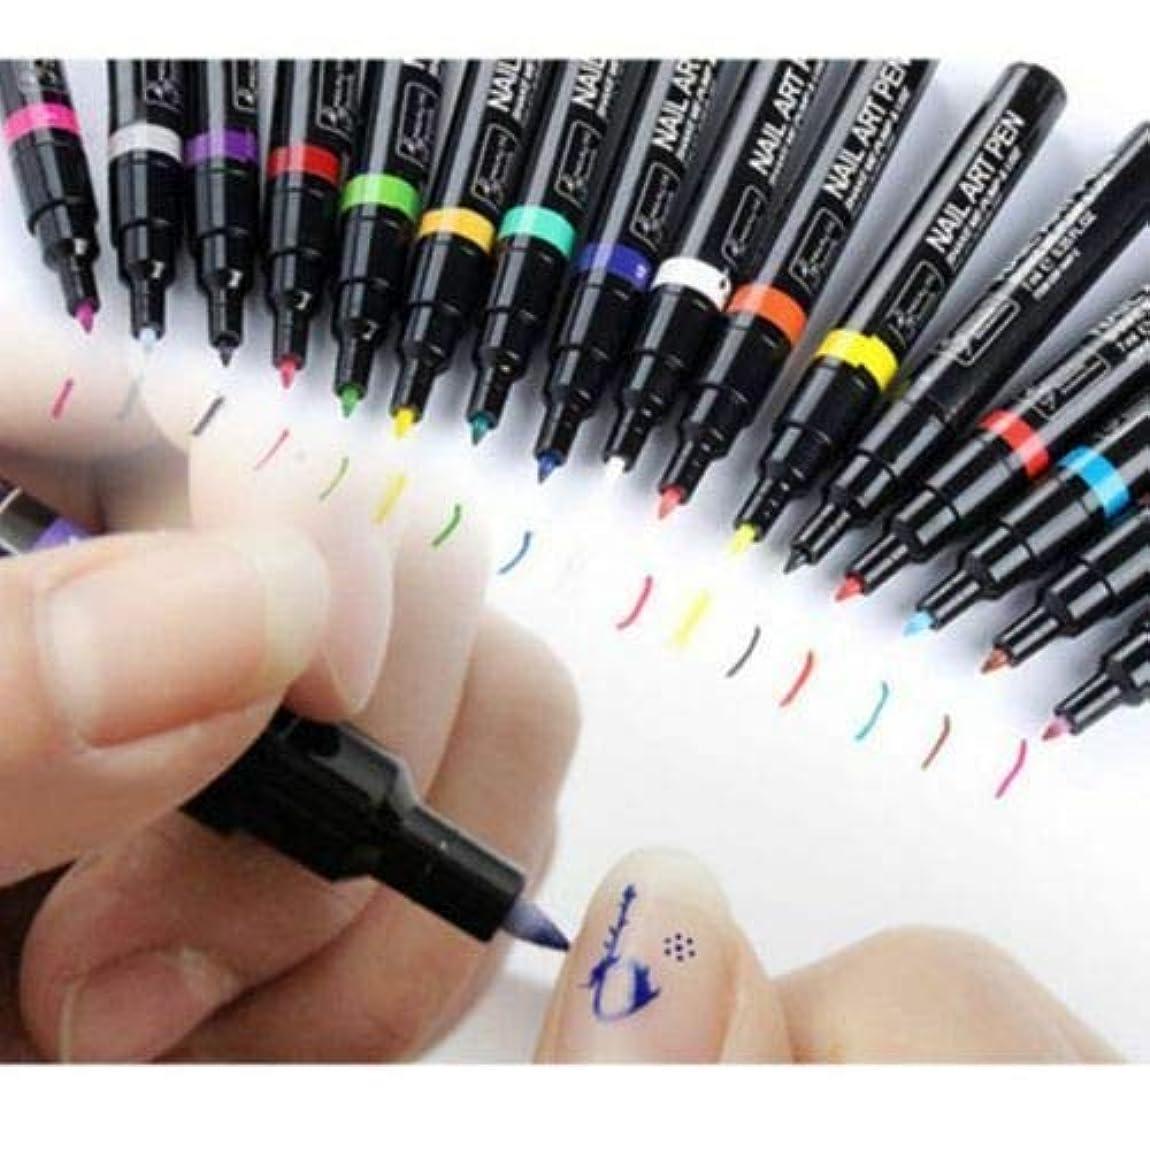 オーバーフロー血まみれ省略するFidgetGear 16色ネイルアートペン絵画デザインツールデッサン用uvジェルポリッシュマニキュア